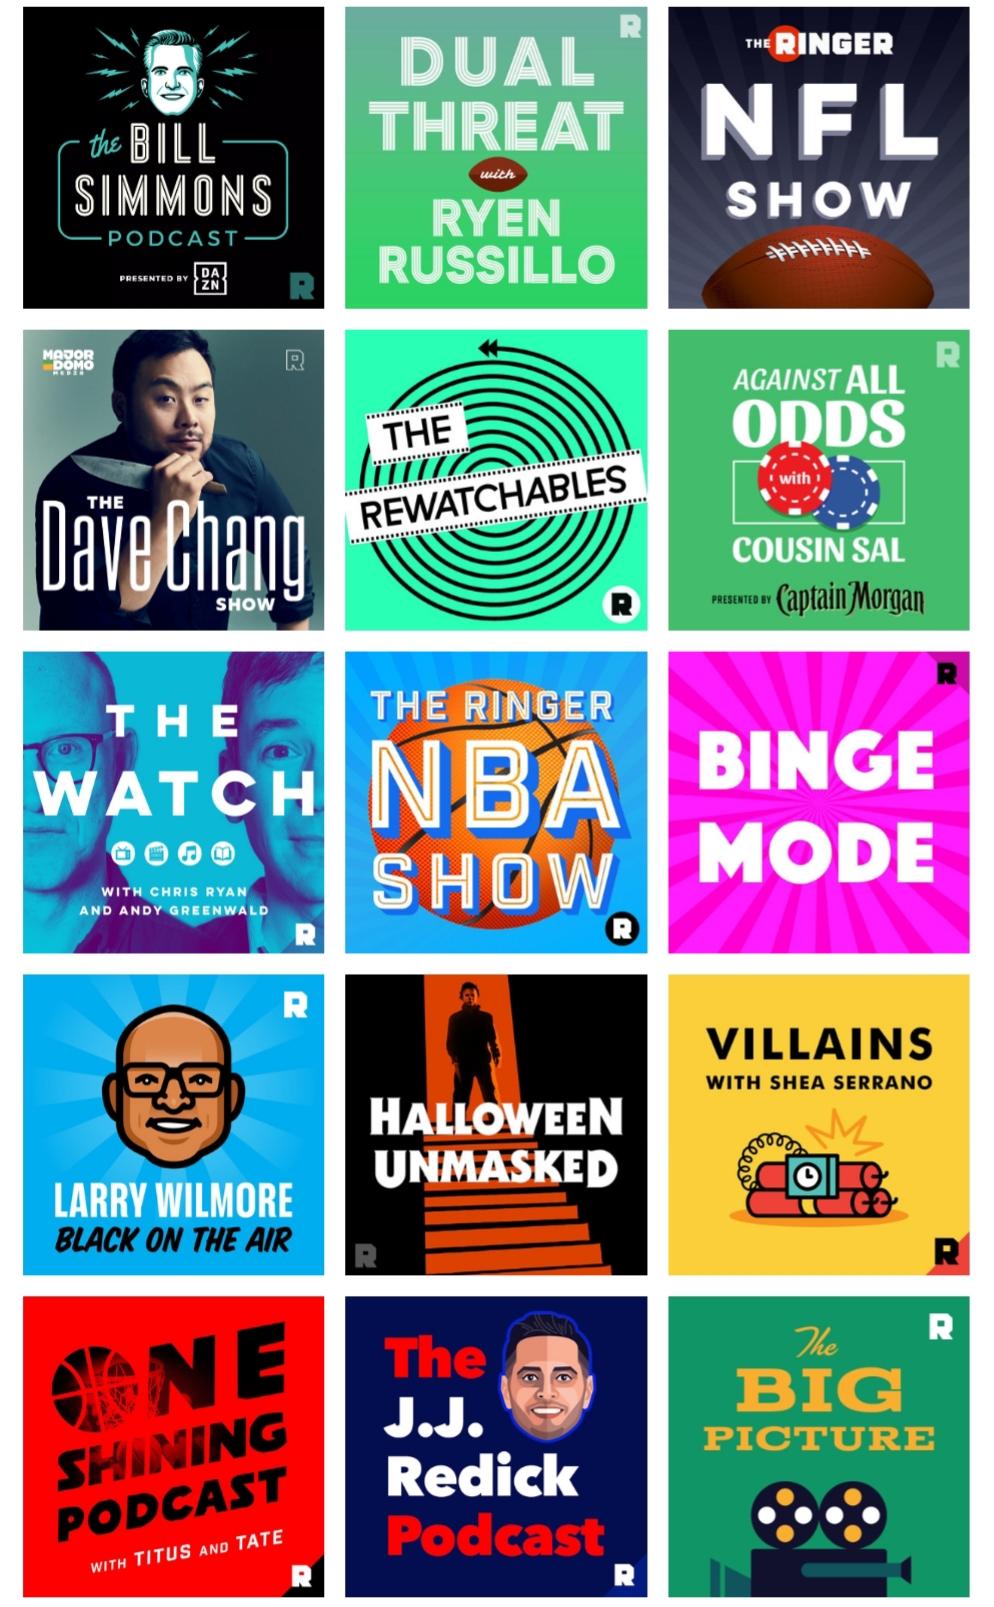 Ringer podcasts